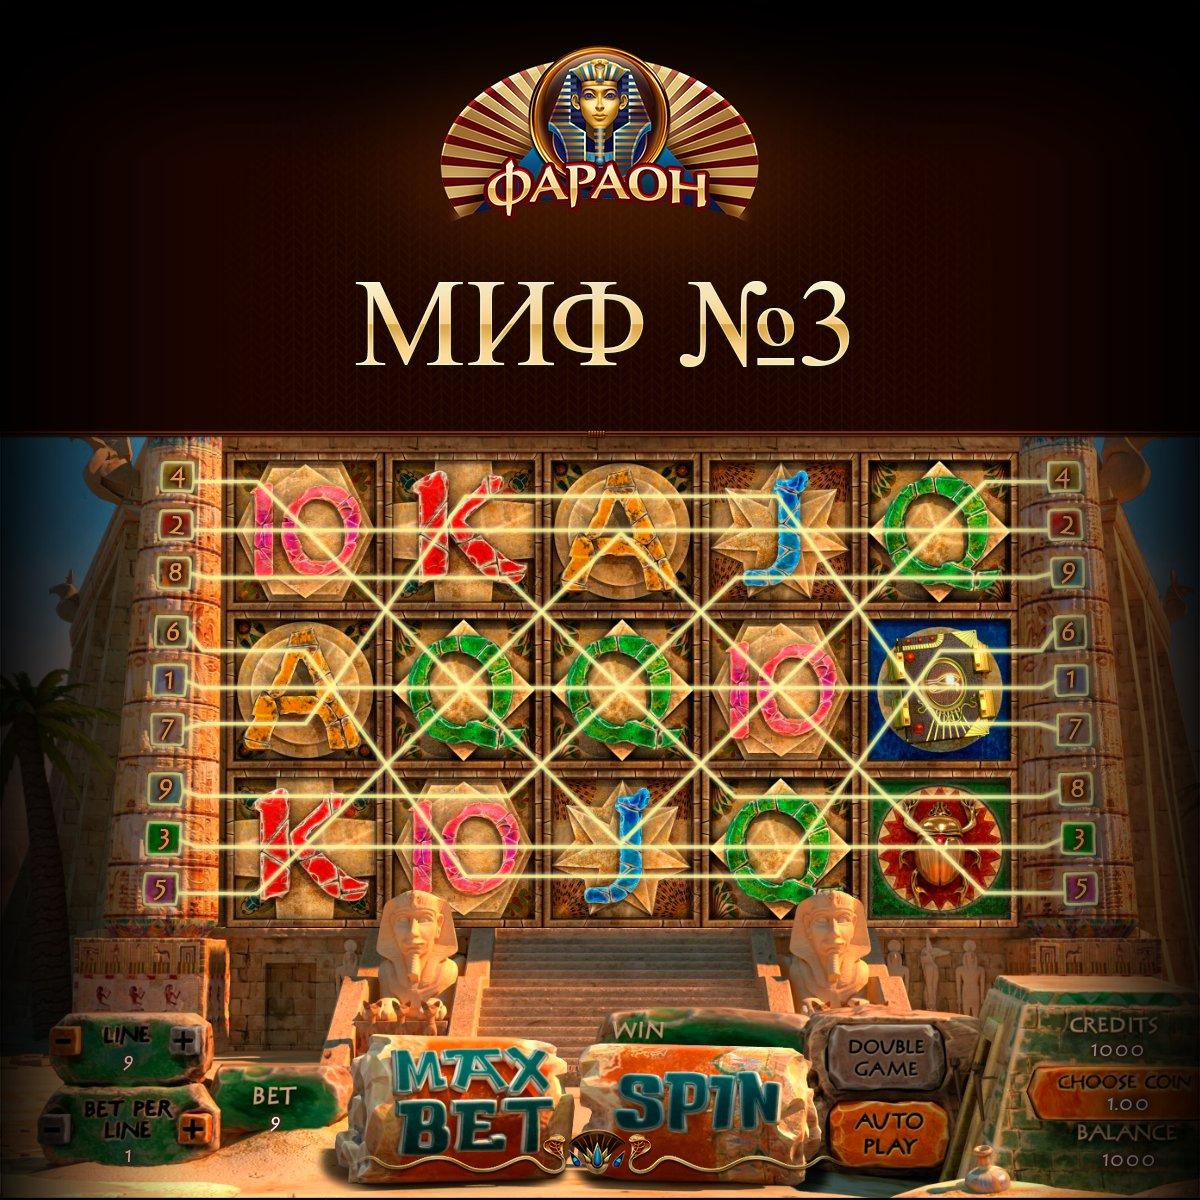 официальный сайт интернет казино фараон отзывы